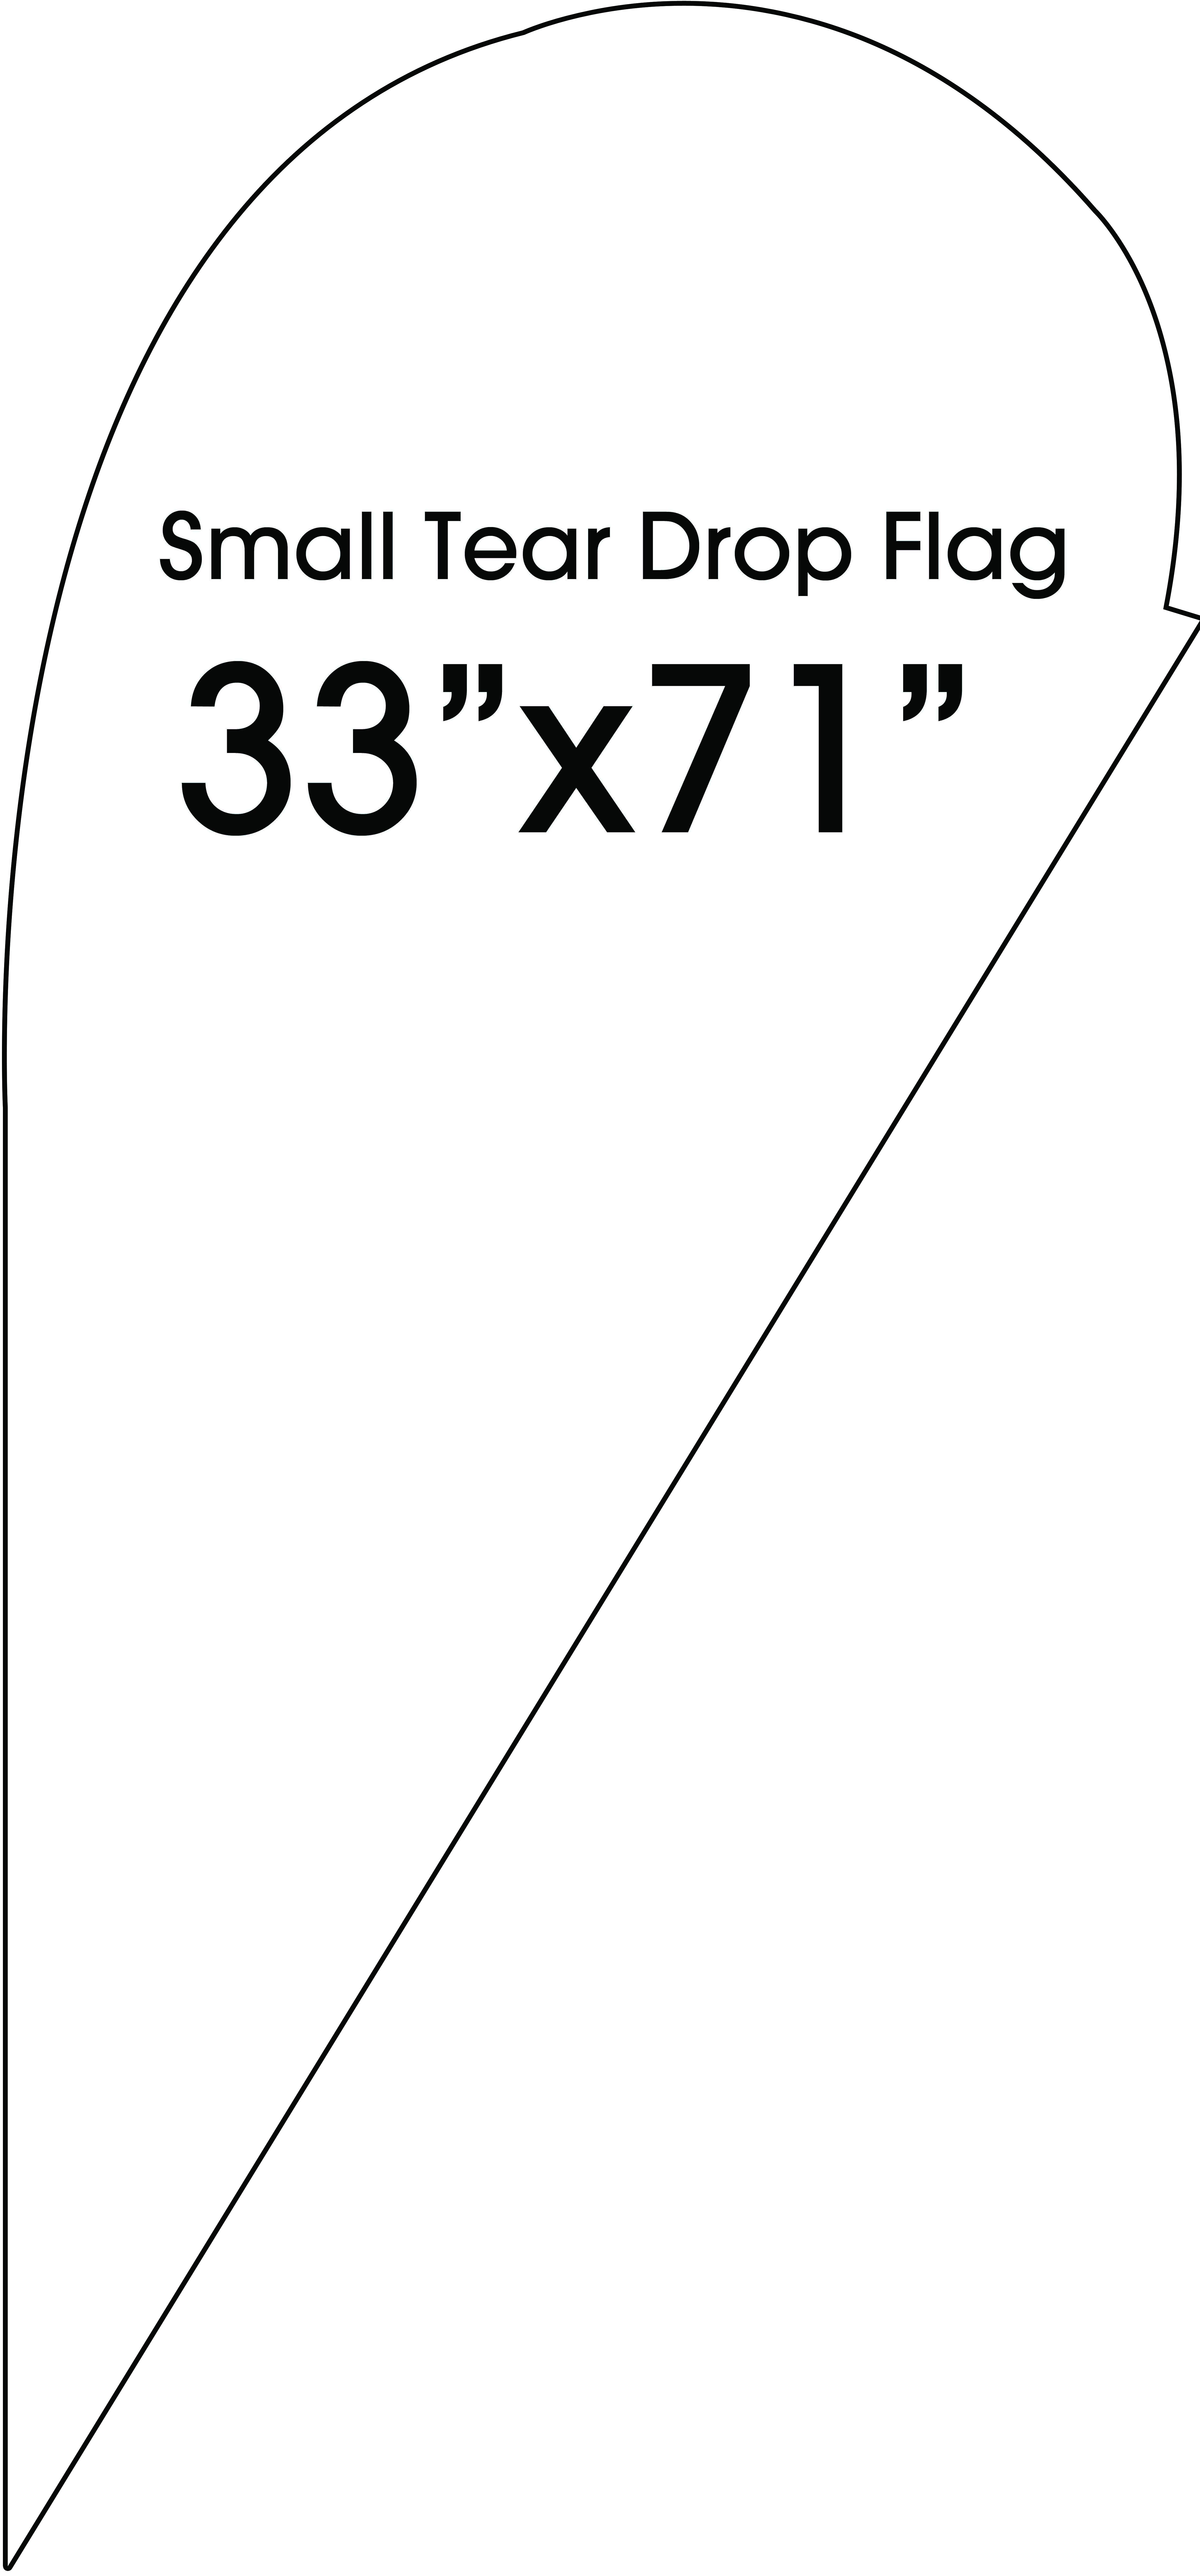 Small Tear Drop Flag Kit